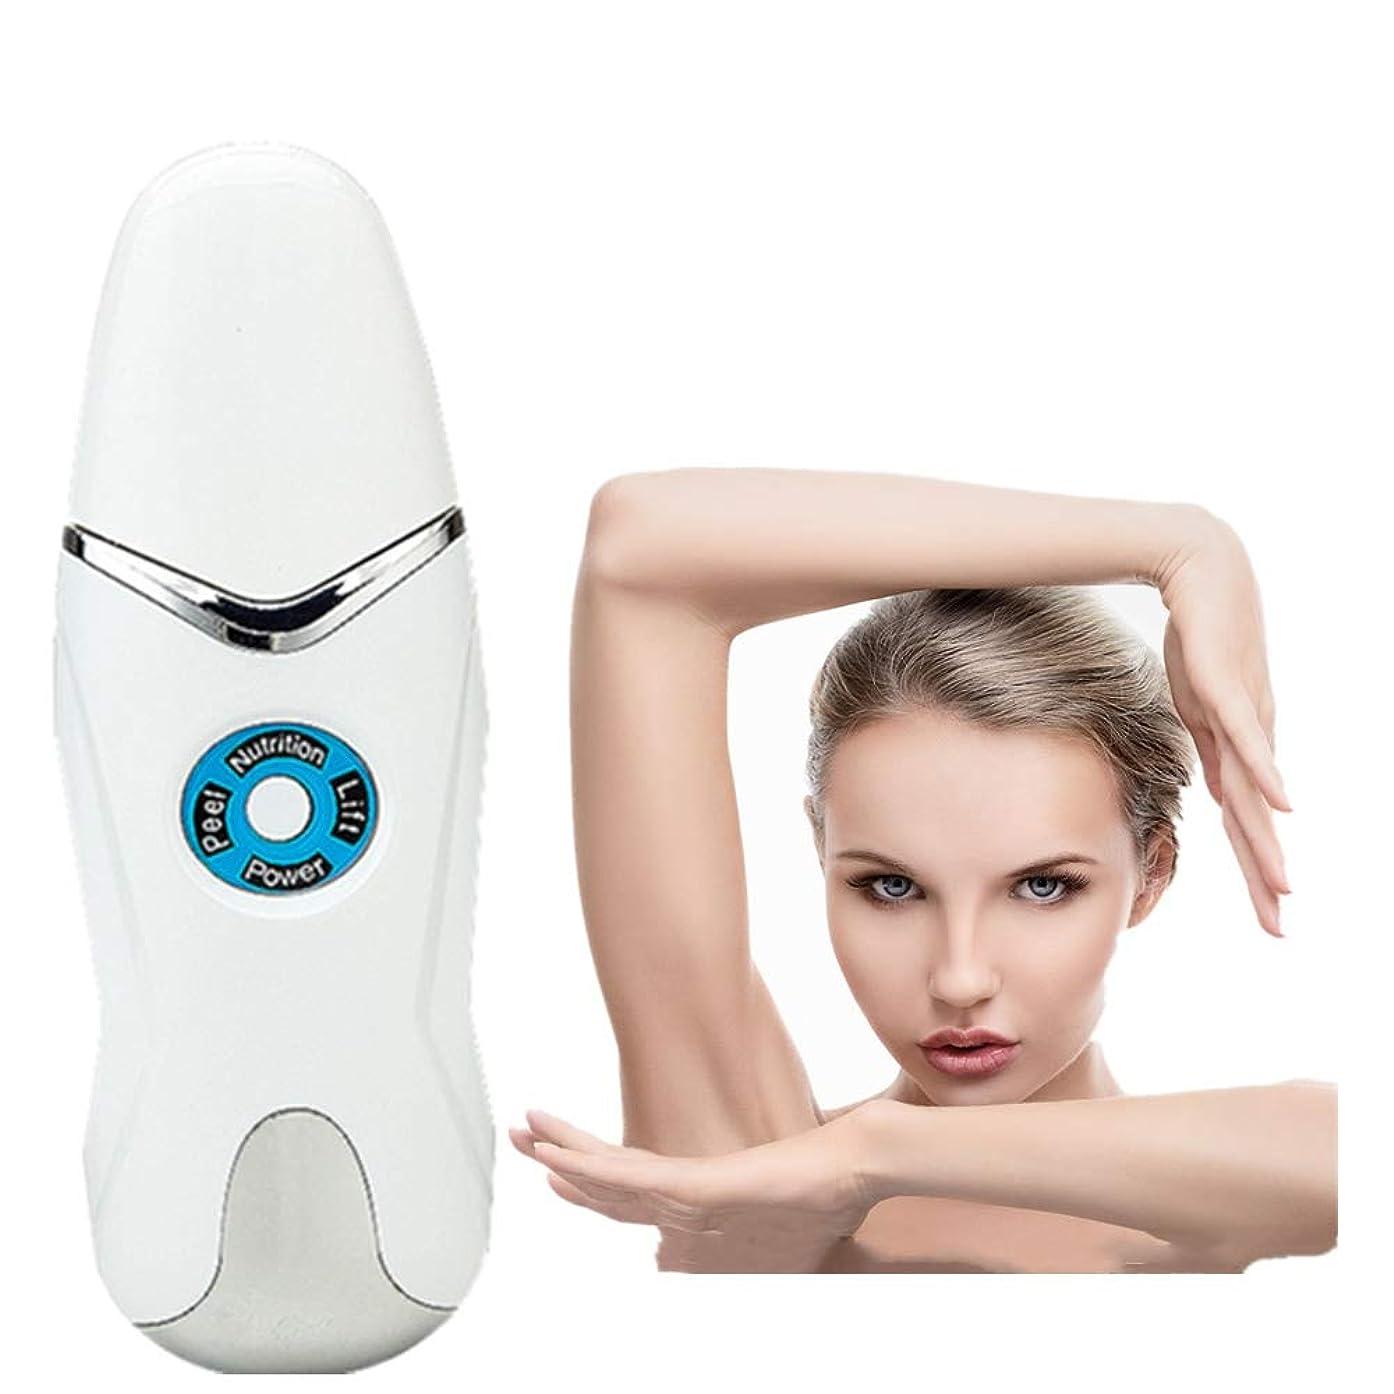 厳密にソーダ水やがて顔の皮膚スクラバーブラックヘッドリムーバー毛穴充電式スキンスクラバー光子の若返り美容皮膚クリーナーUSB充電式美容ツールEMSクリーニングイオン導入モードホワイト